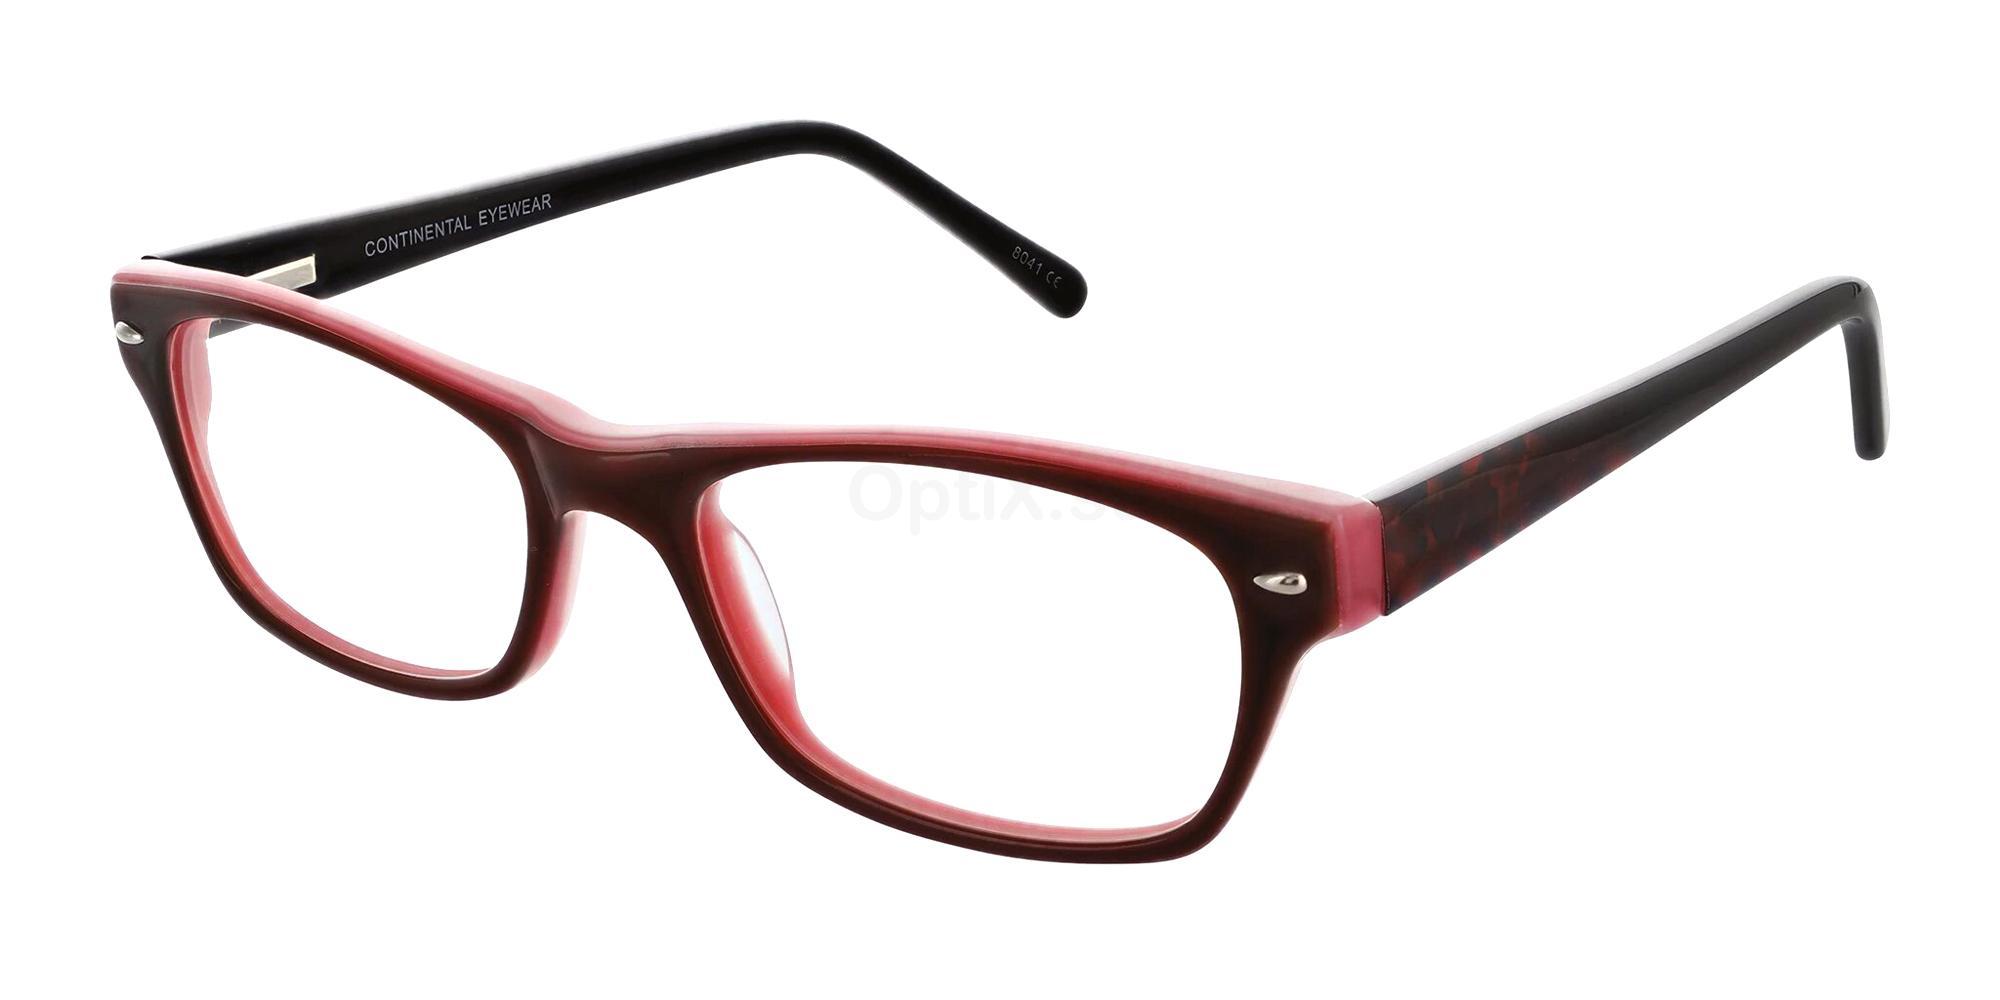 Claret 79 Glasses, Zenith Zest